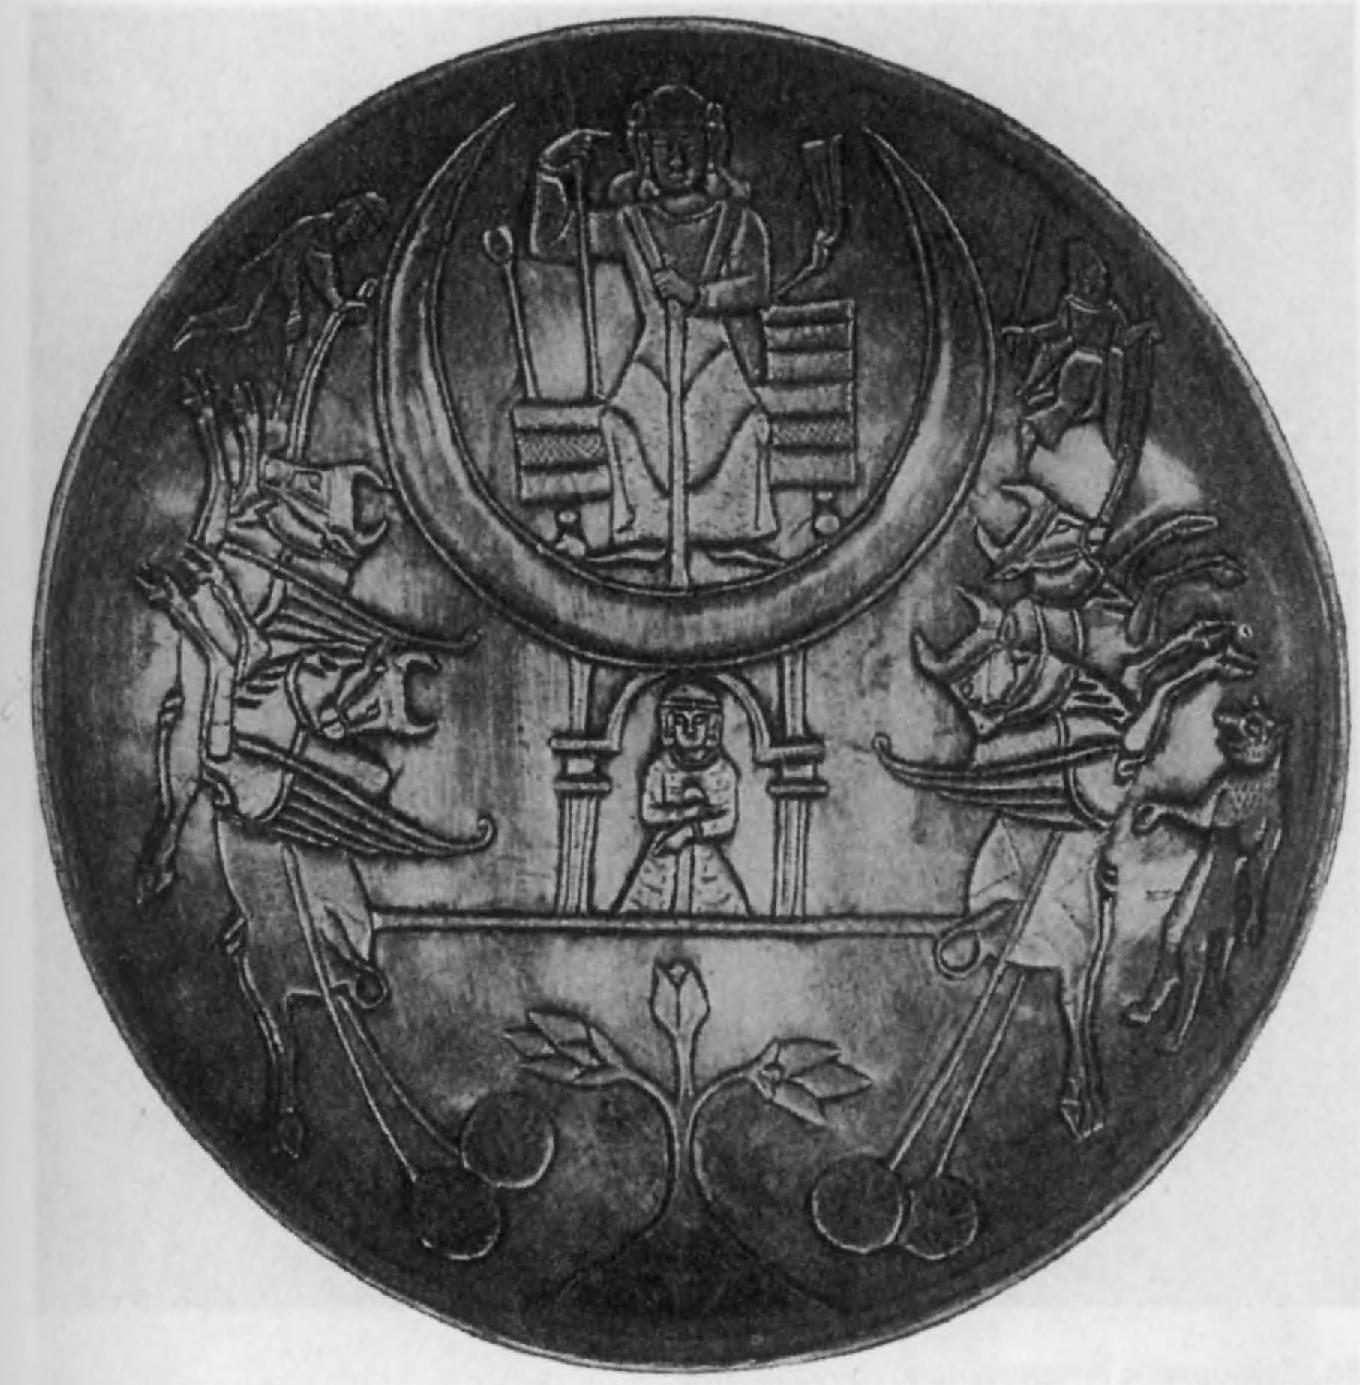 85.Серебряное сасанидское блюдо (вес 834,6 г) с изображением лунного божества (?)